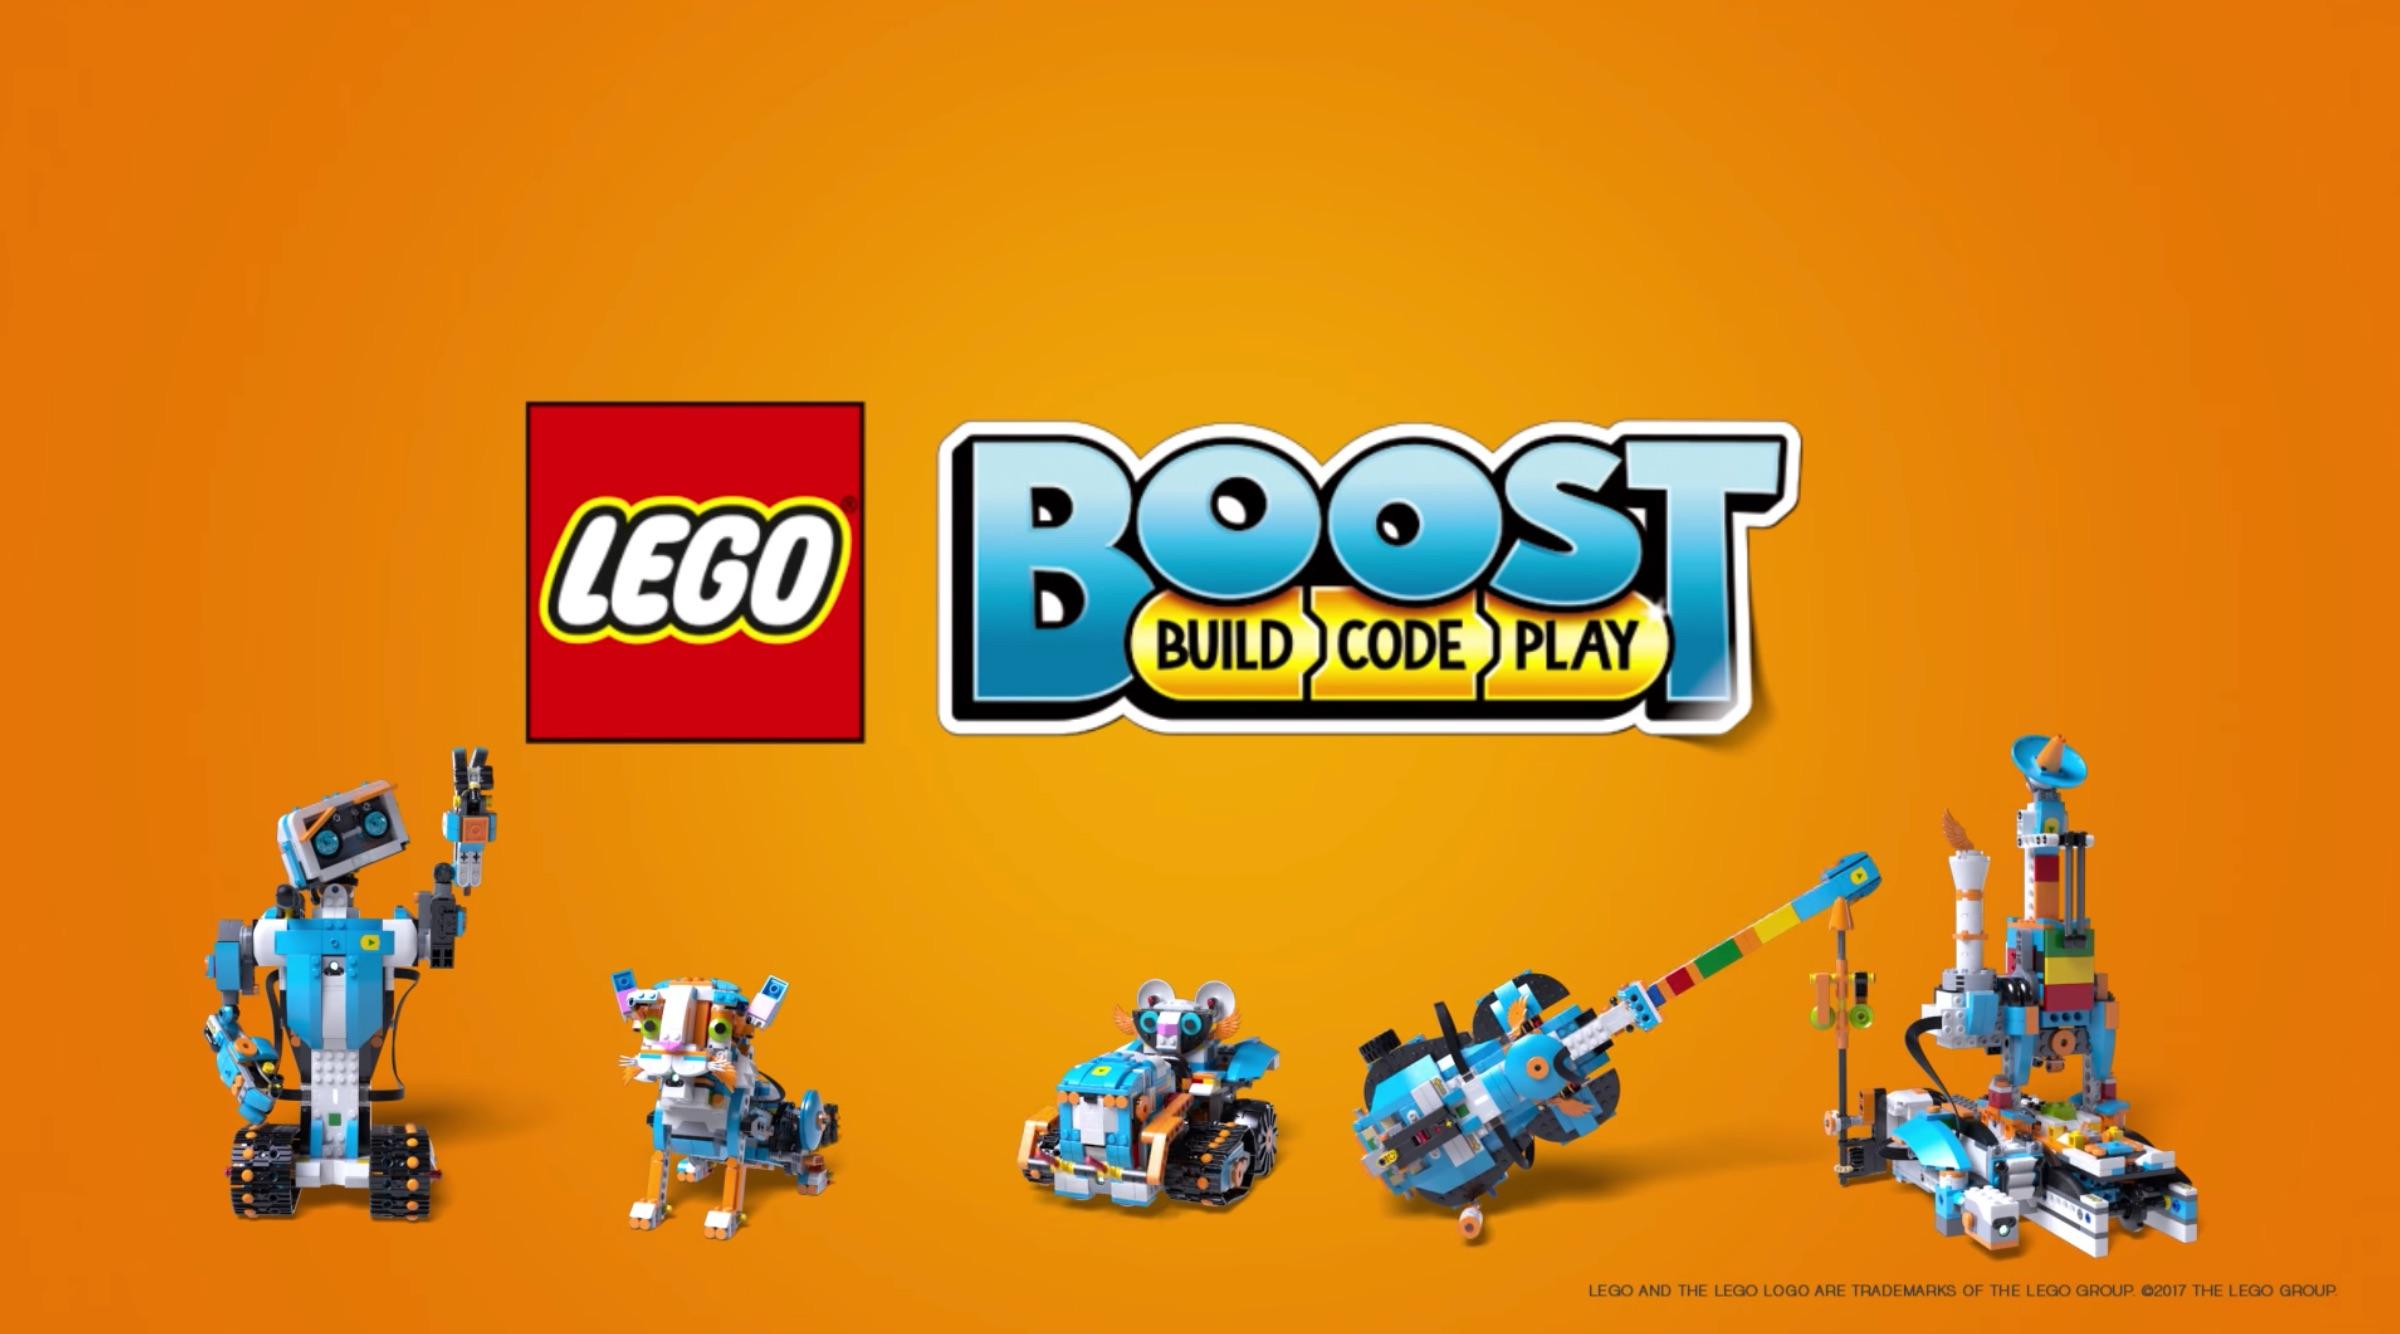 子どもと一緒に楽しく組み立ててプログラミングで遊べる!「LEGO BOOST」がかなり良さそう。